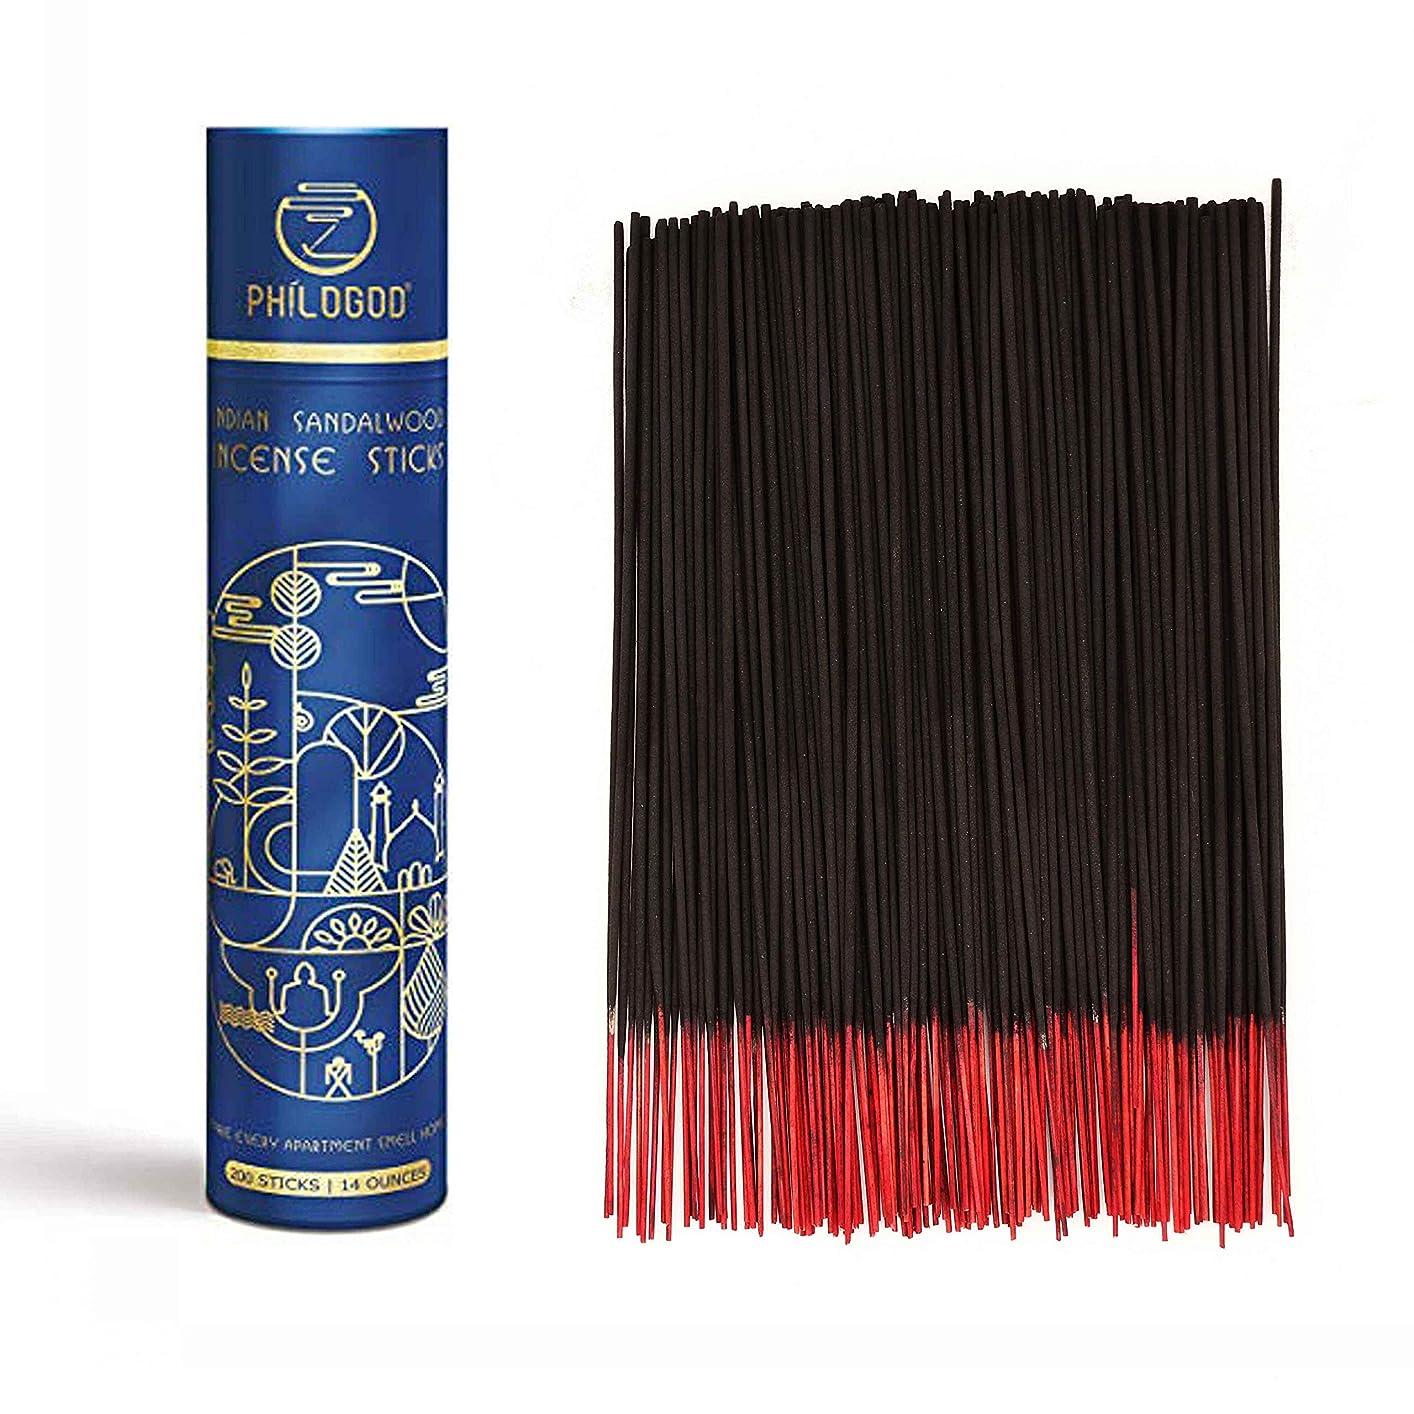 強化職人気をつけて上質なインドお香スティック 手作り 100%ナチュラル 長続く線香 ヨガ瞑想 200本入れ (オリエンタル系)